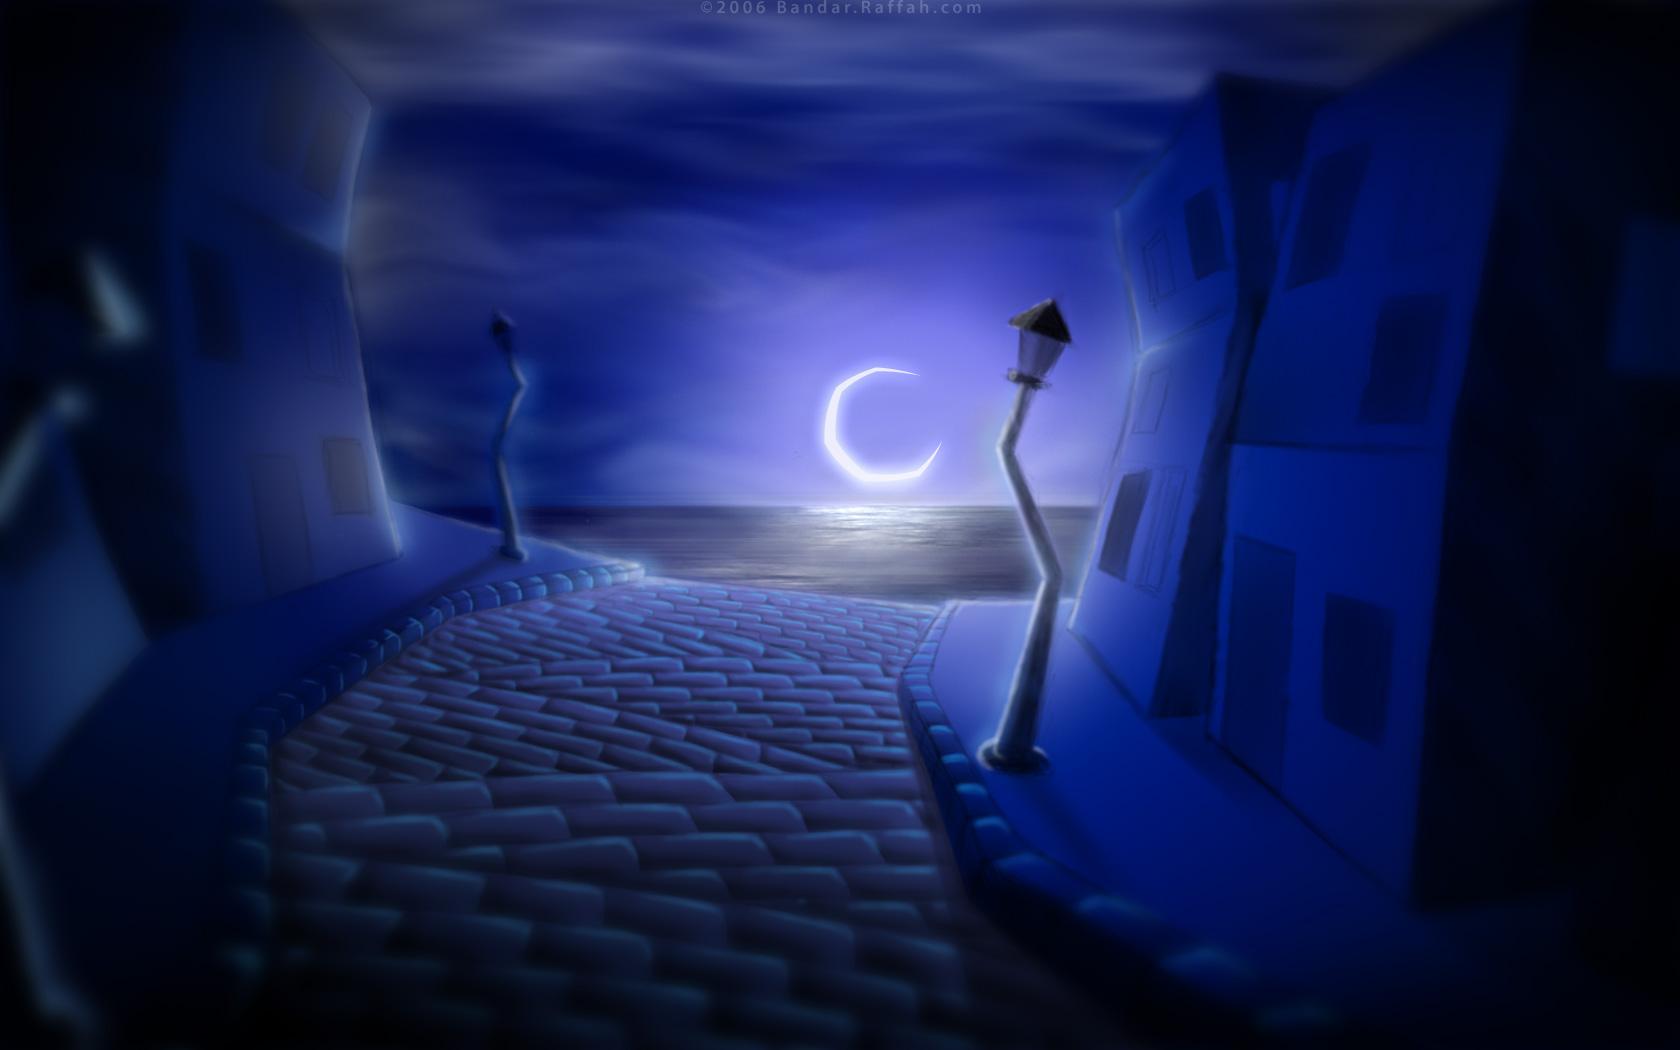 صورة حلم العالم كيكولي